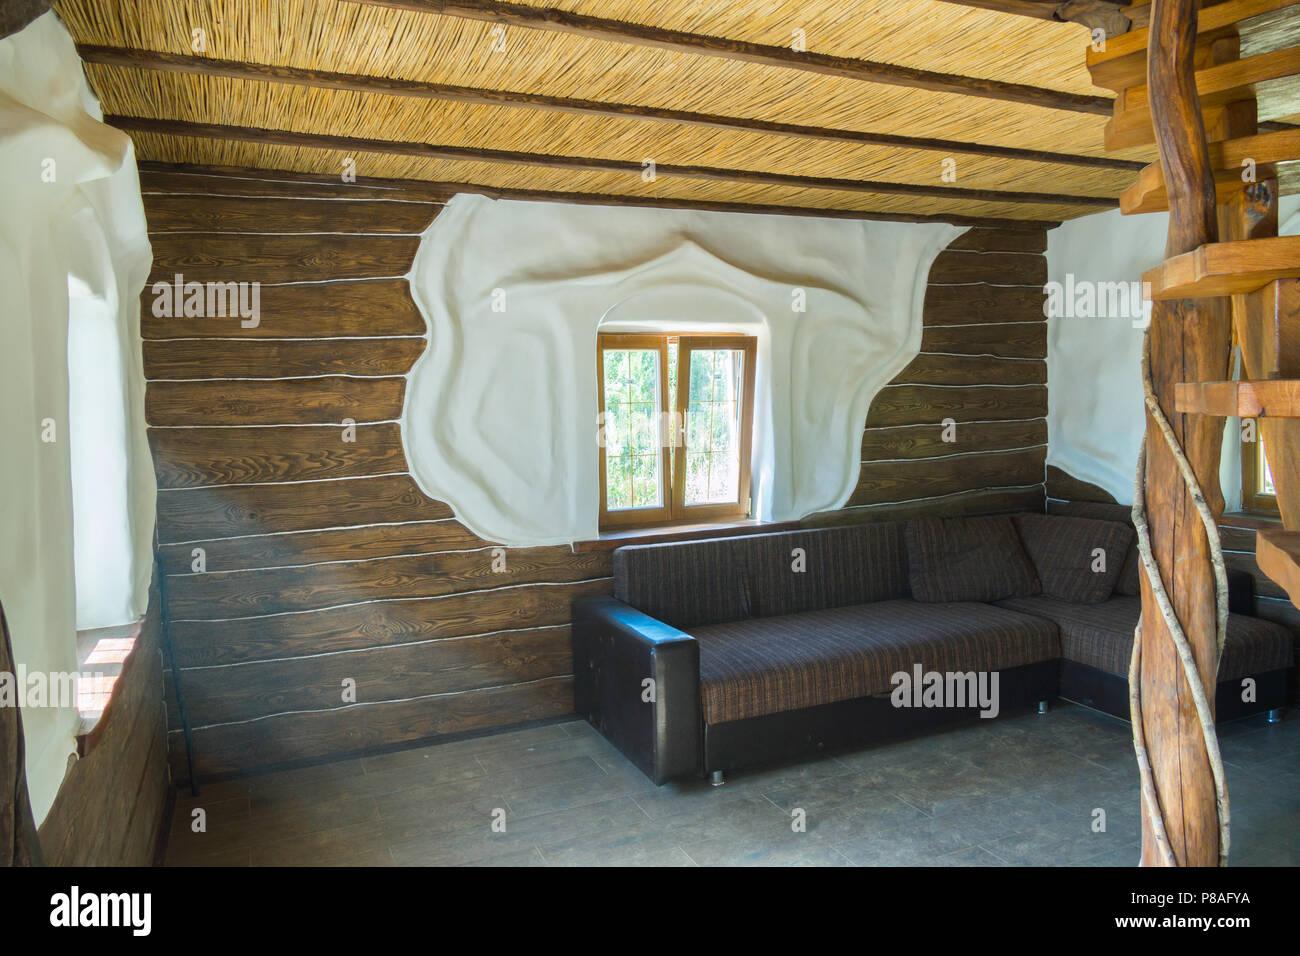 Ein Kleines Helles Zimmer Mit Holz Verzierten Wanden Und Einem